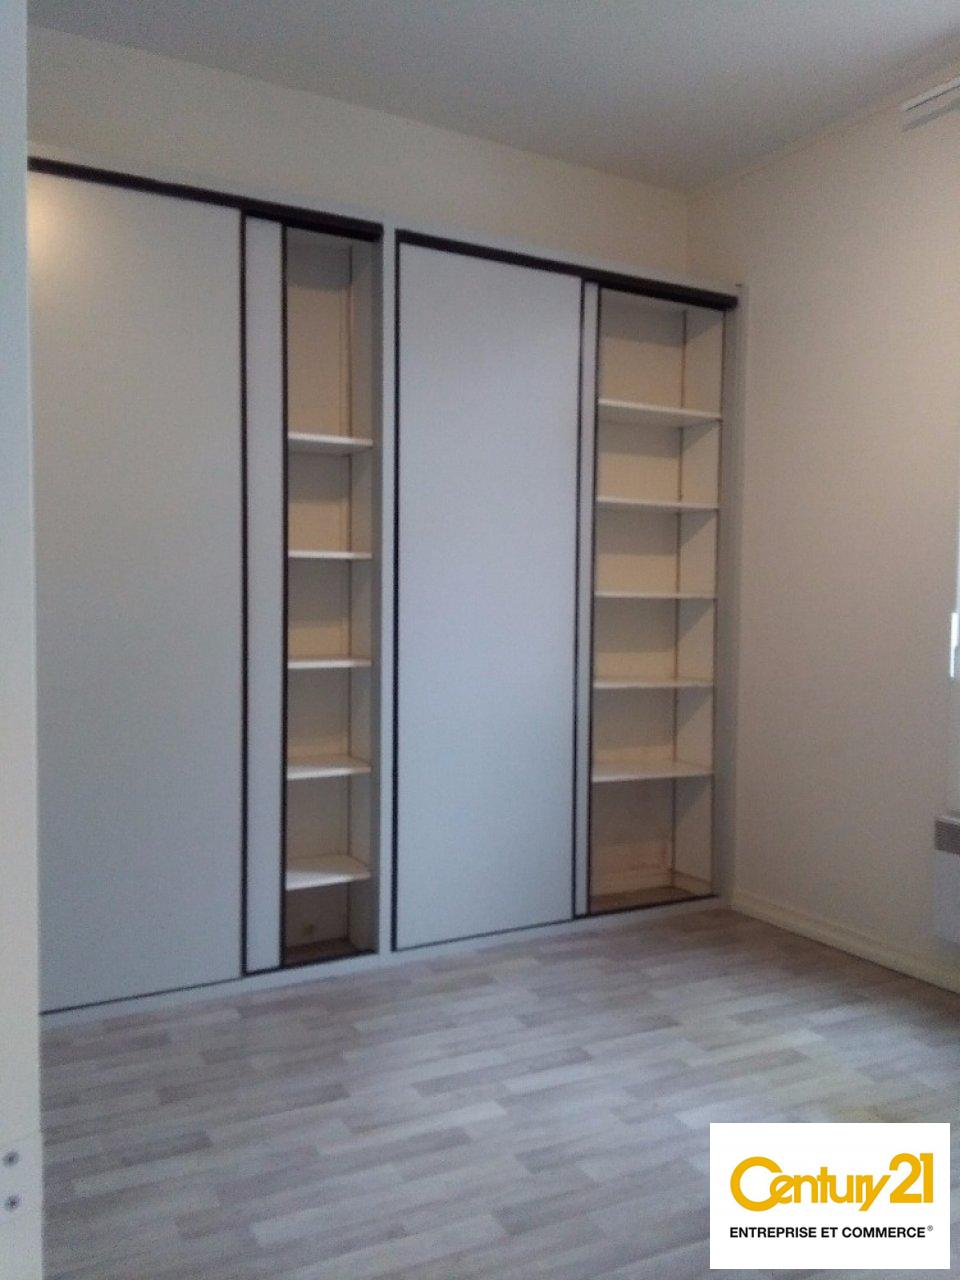 Bureaux à louer - 100.0 m2 - 72 - Sarthe